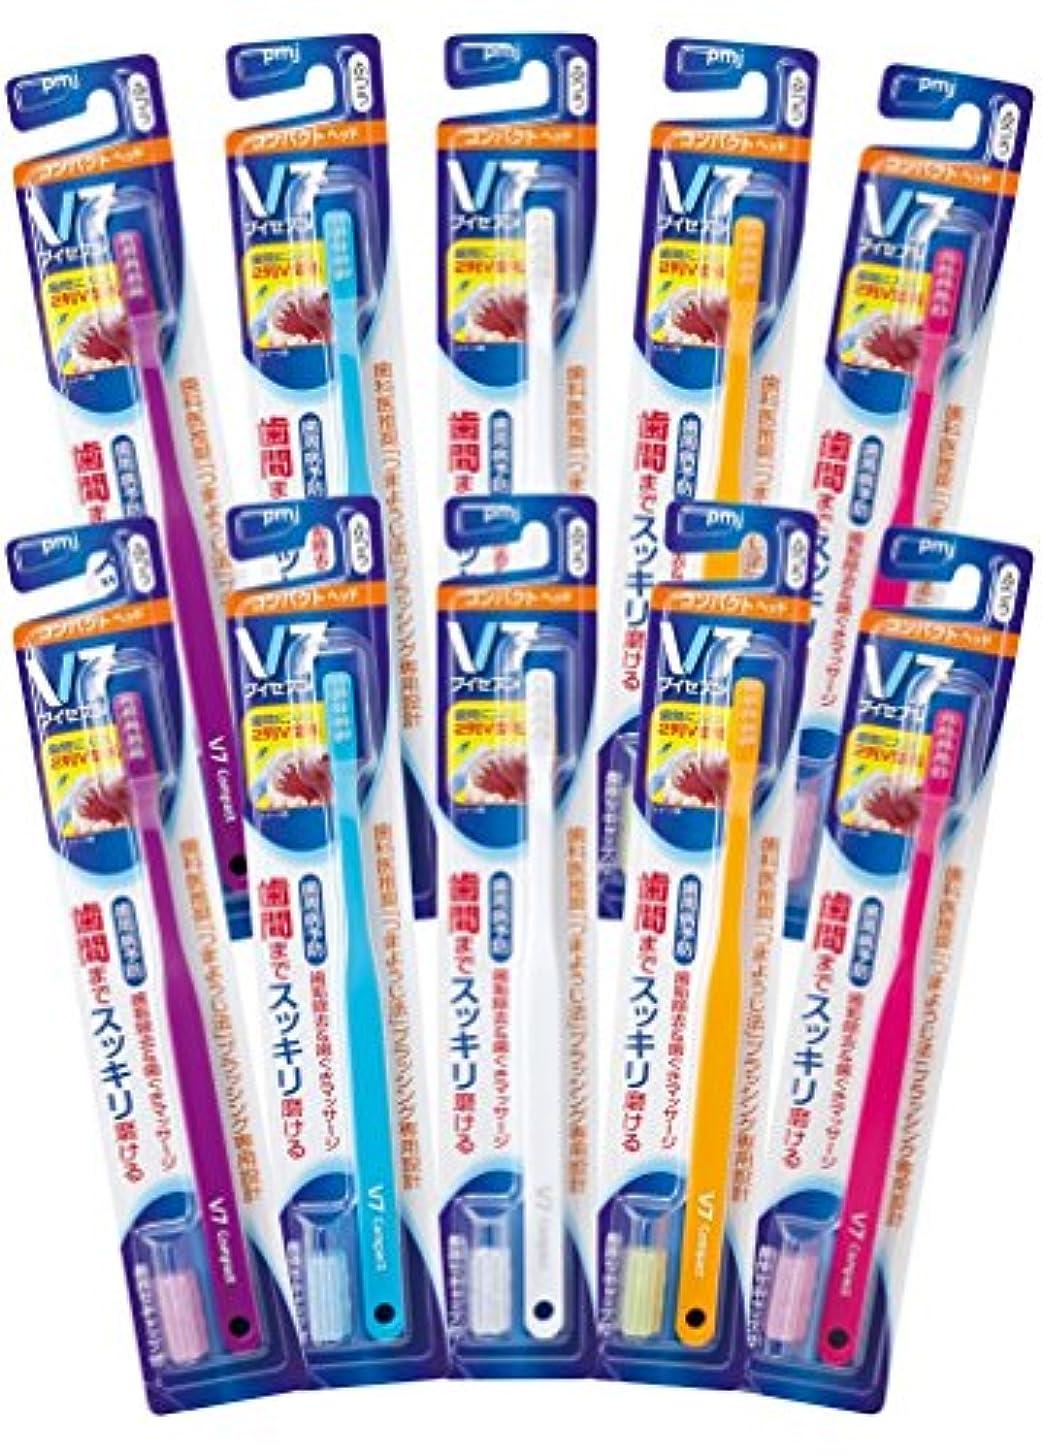 空港貪欲膨らませるつまようじ法 歯ブラシ V-7 コンパクトヘッド ブリスター 10本入